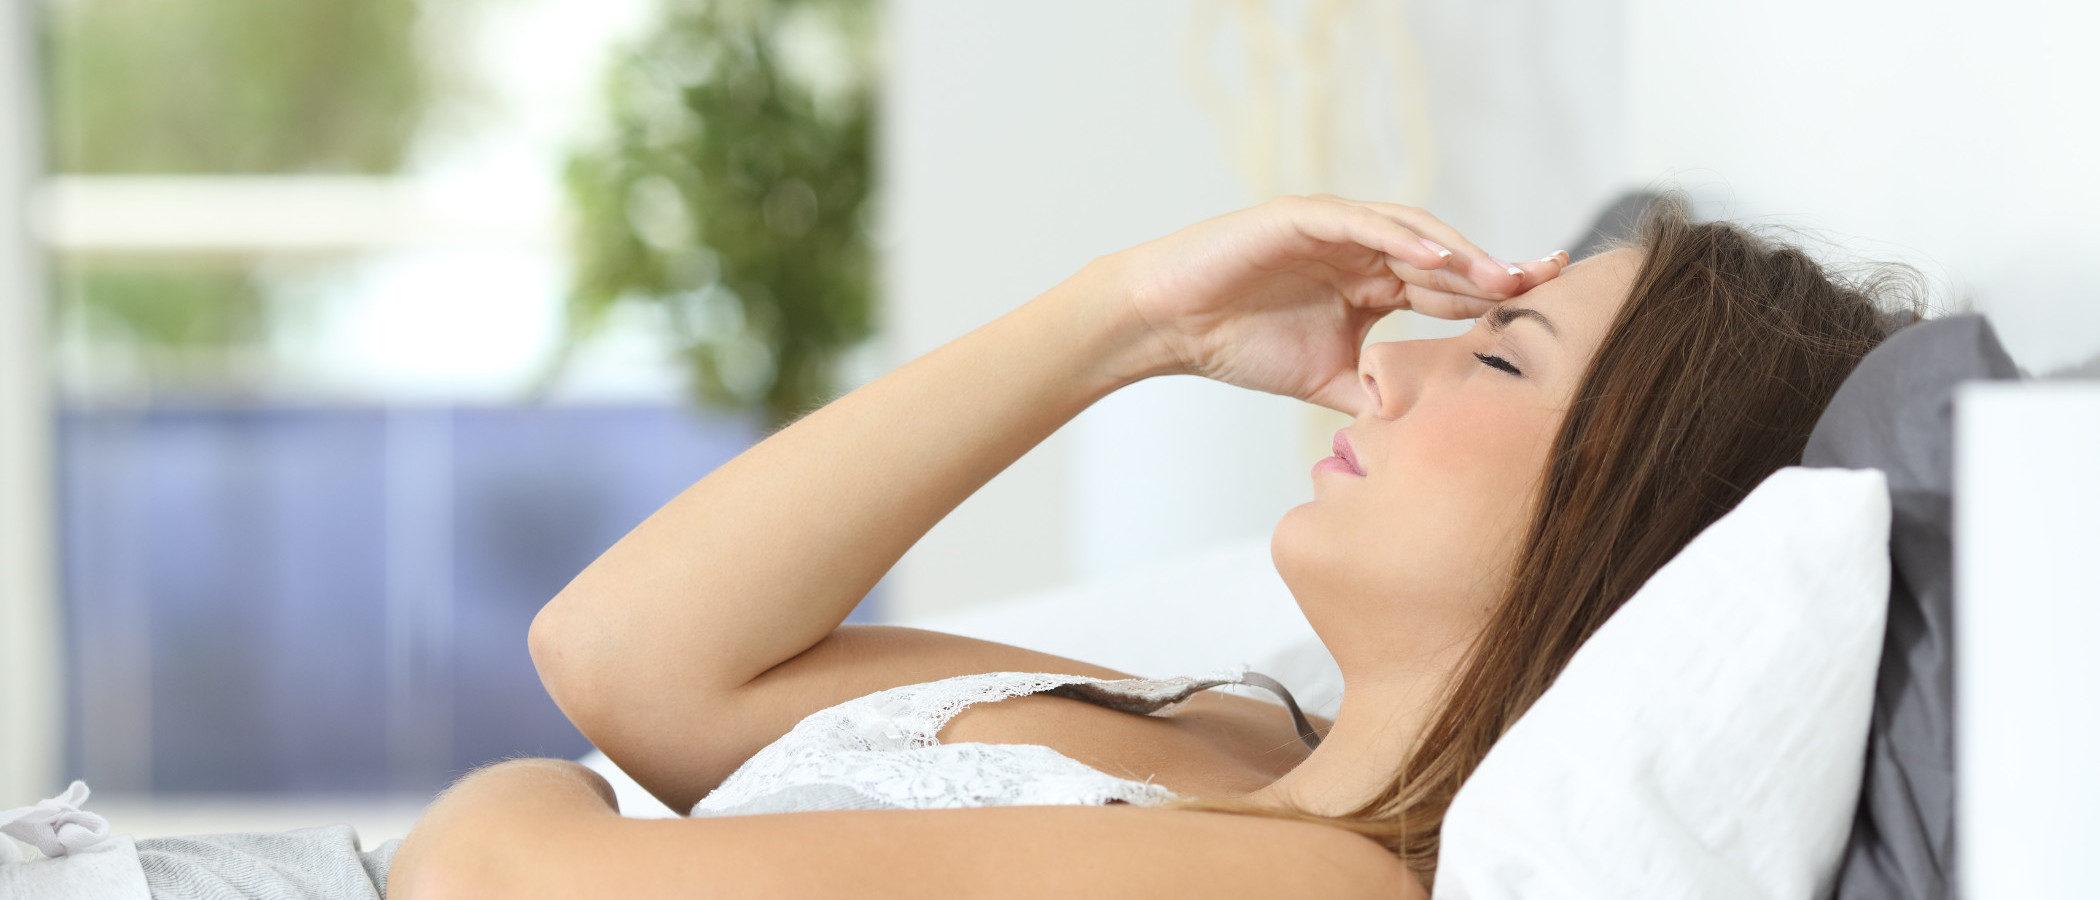 La listeriosis durante el embarazo